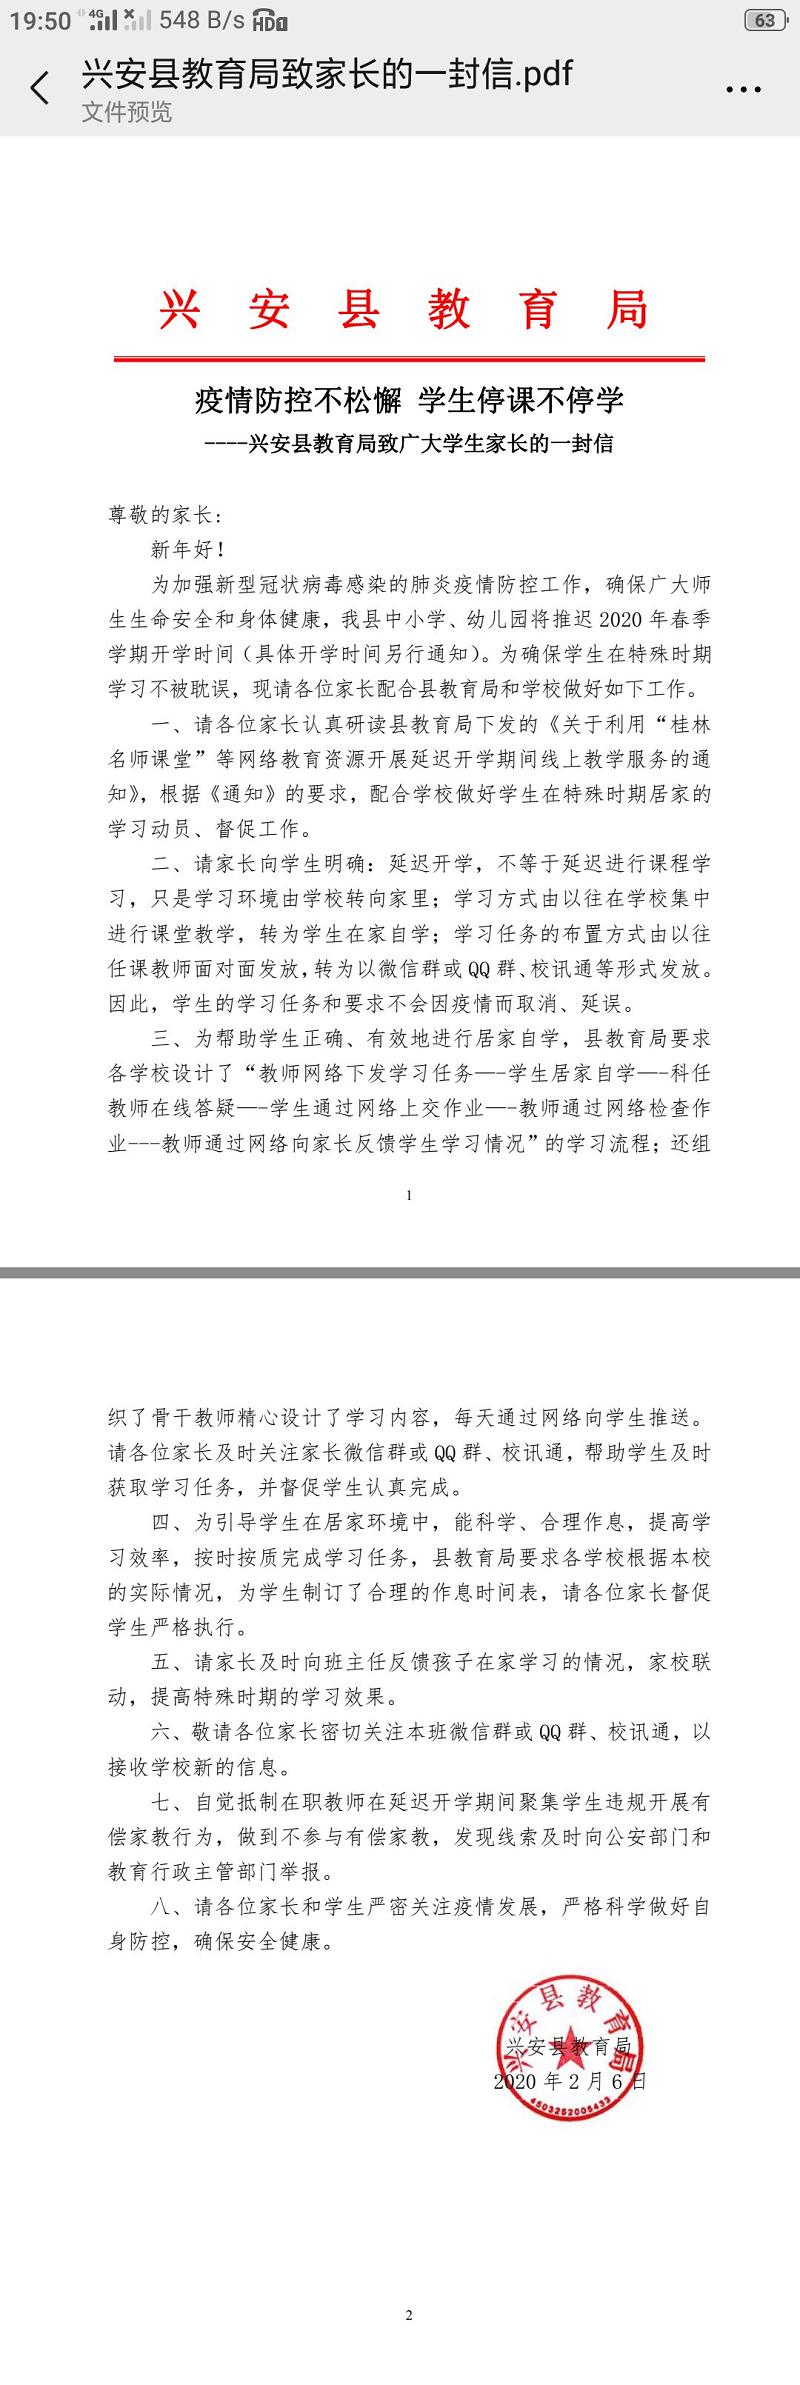 疫情防控不松懈 学生停课不停学 ----兴安县教育局致广大学生家长的一封信